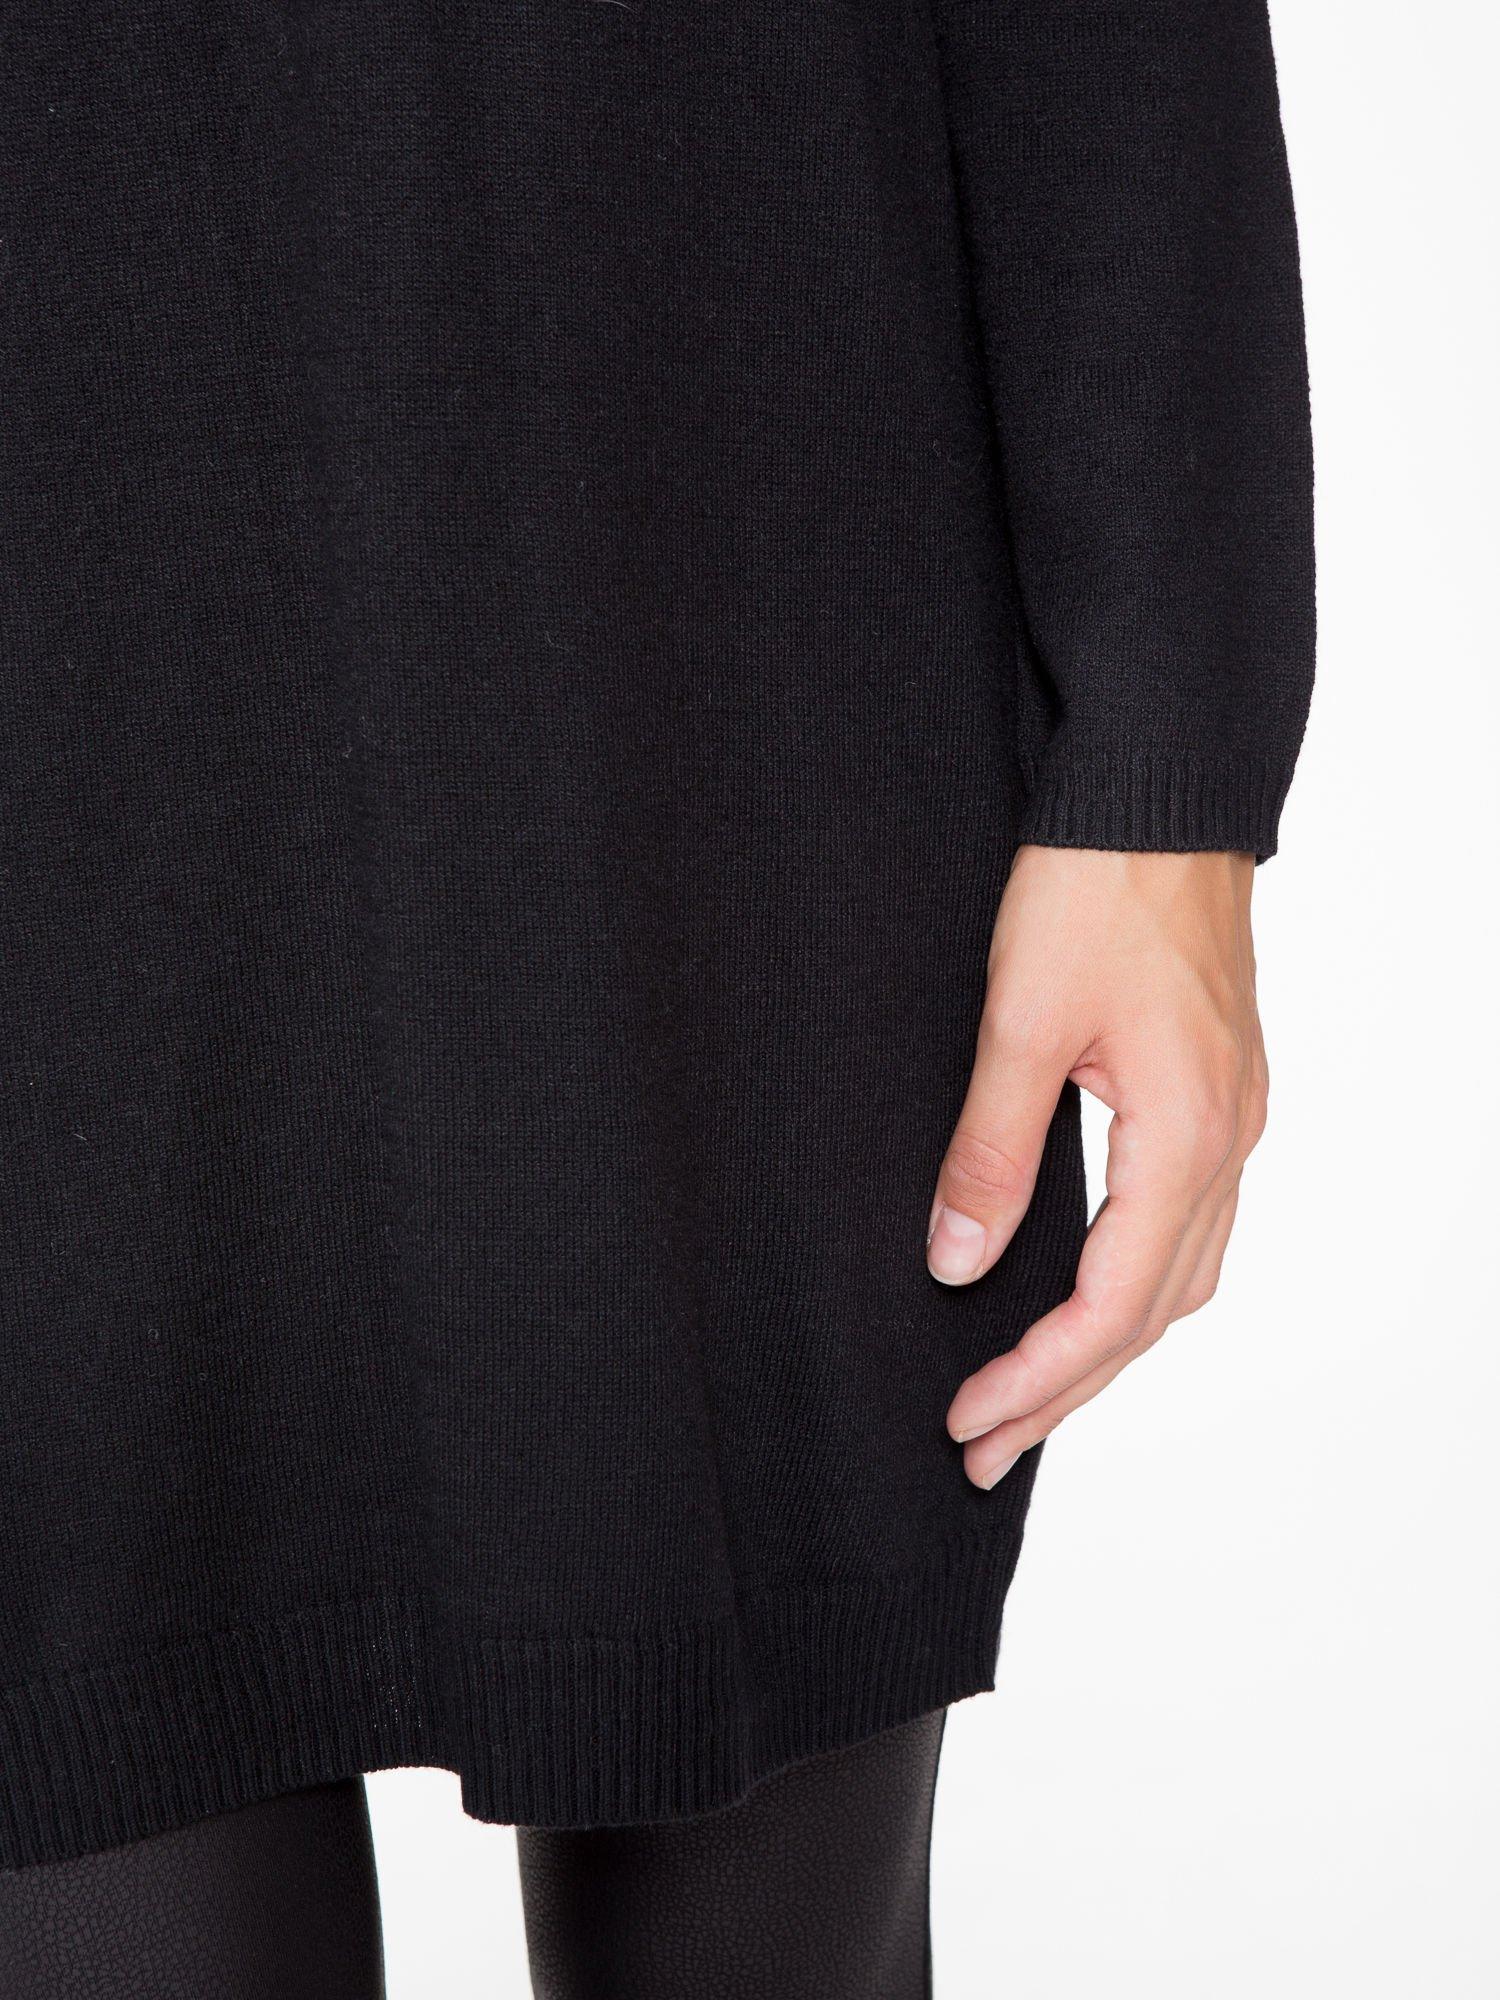 Czarna prosta dzianinowa sukienka                                  zdj.                                  6